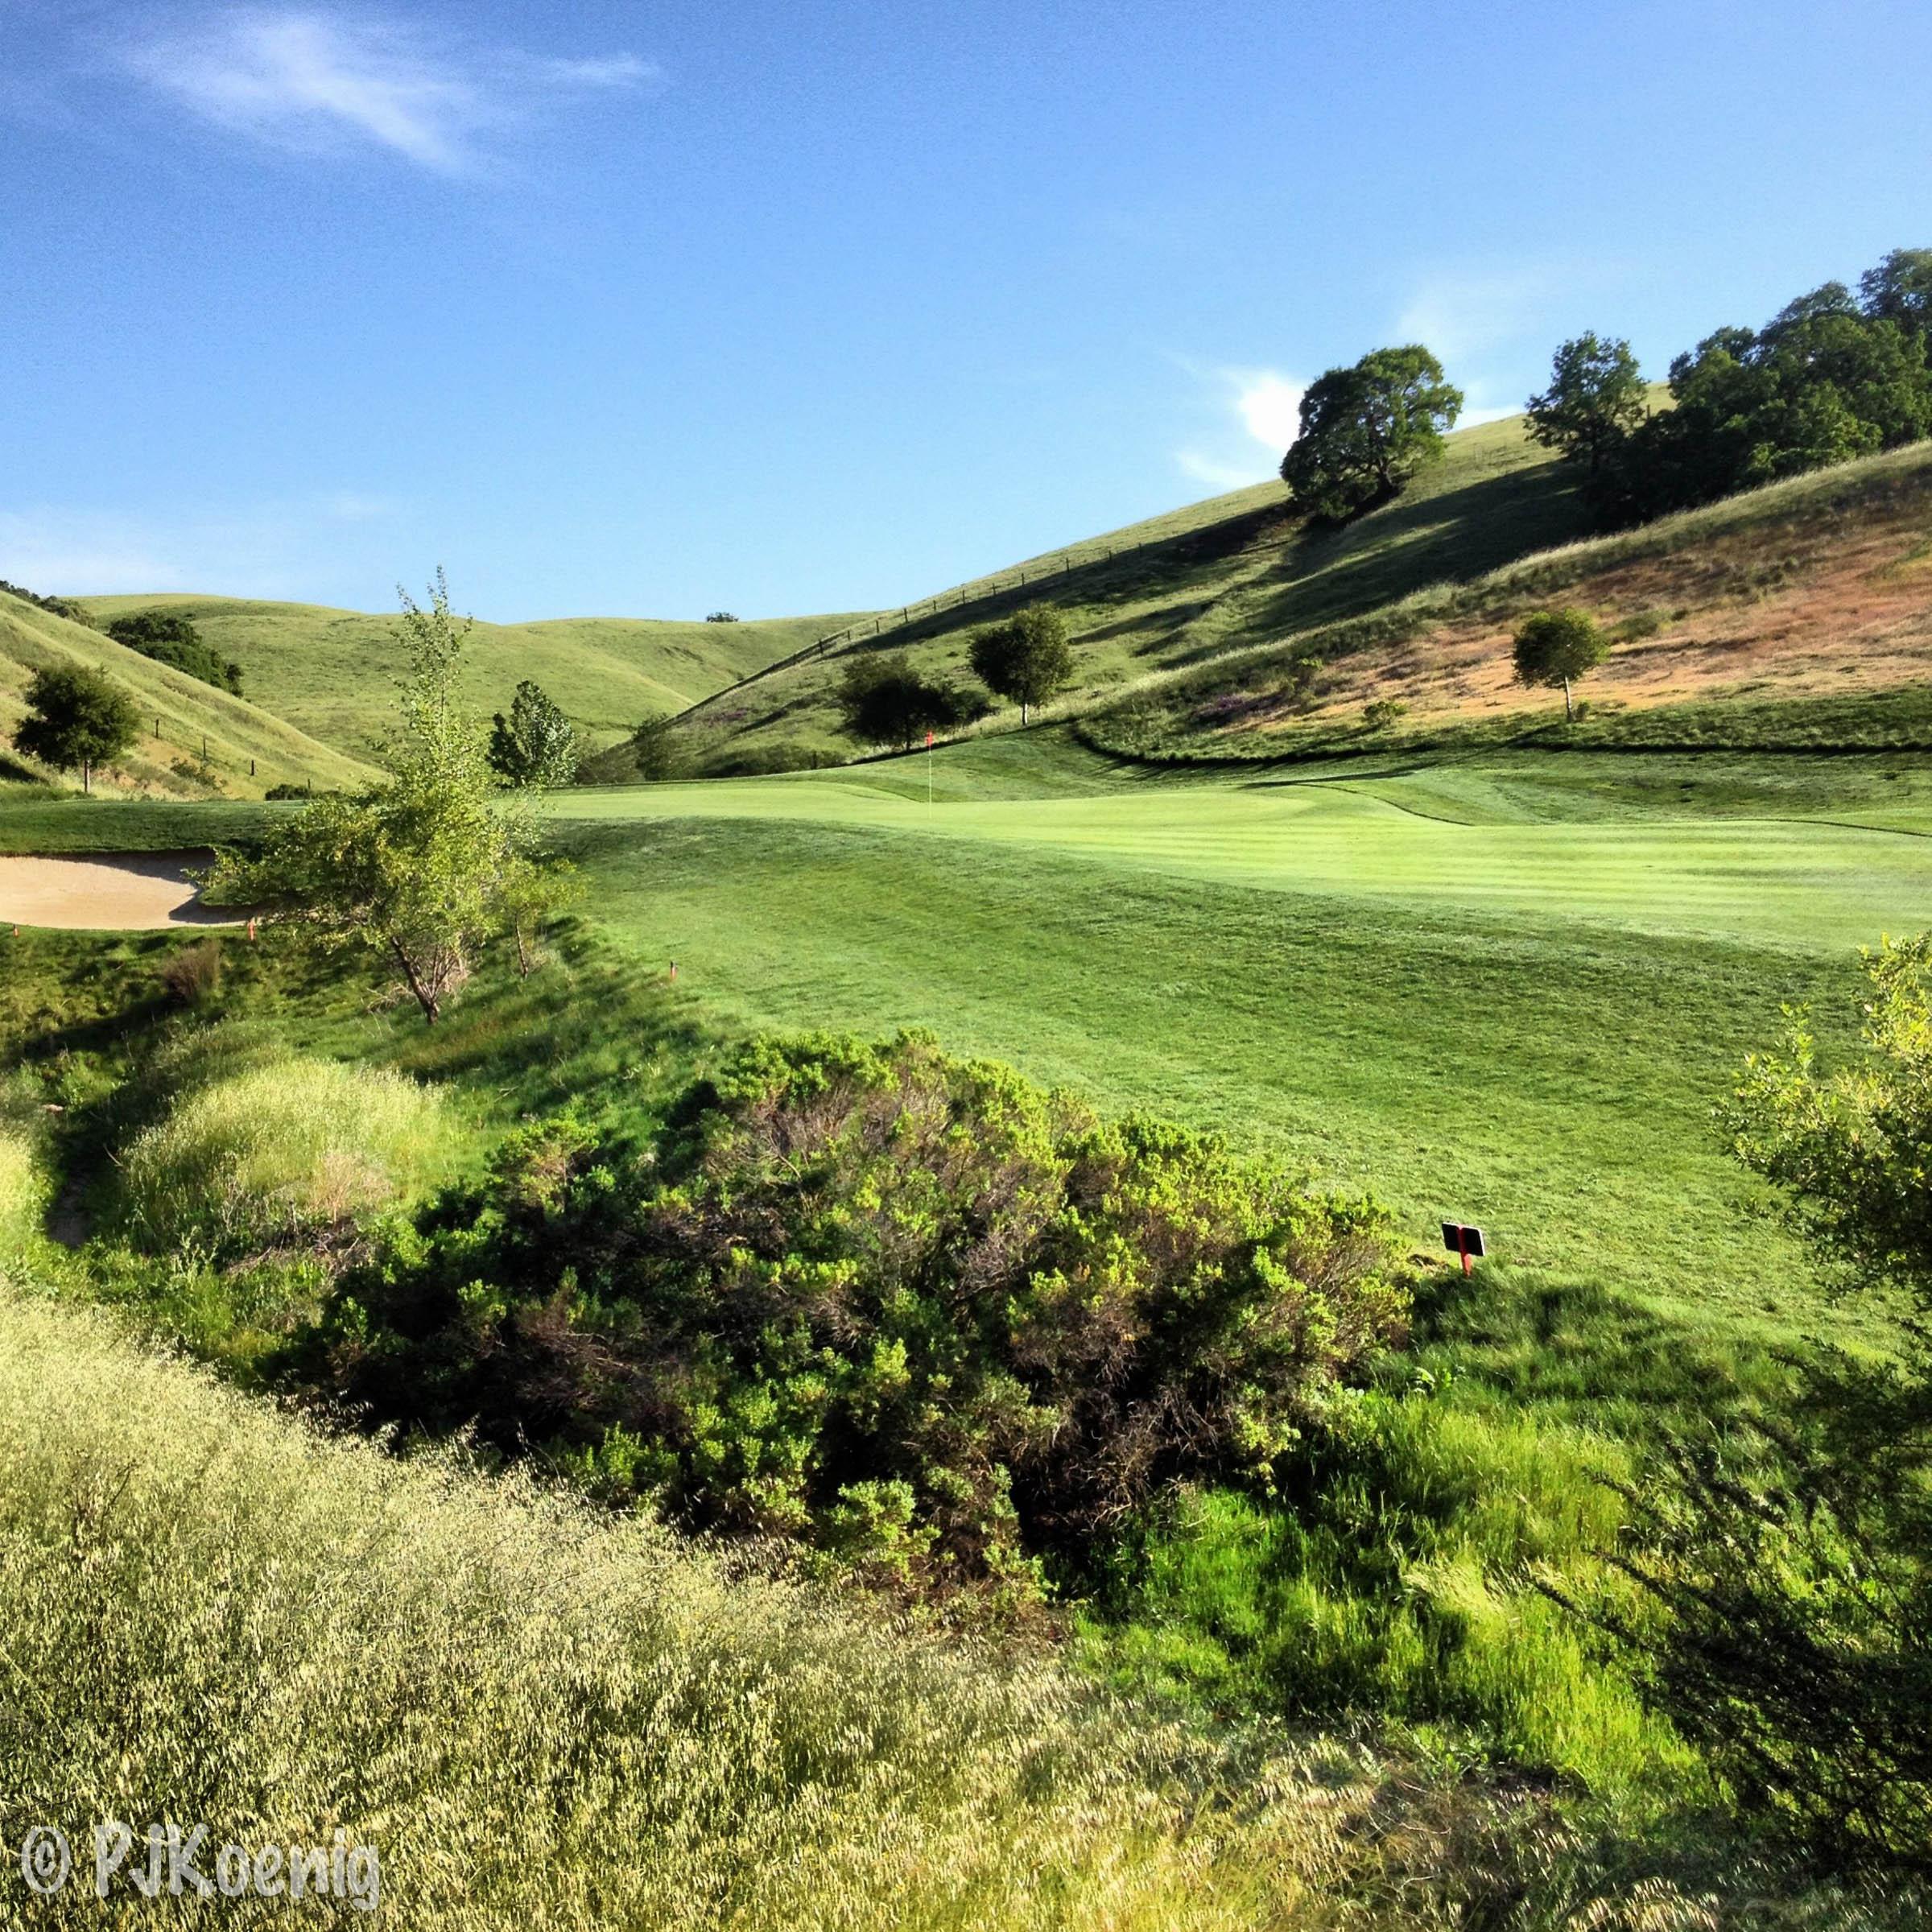 Callippe Preserve Golf Course - Pleasanton, CA